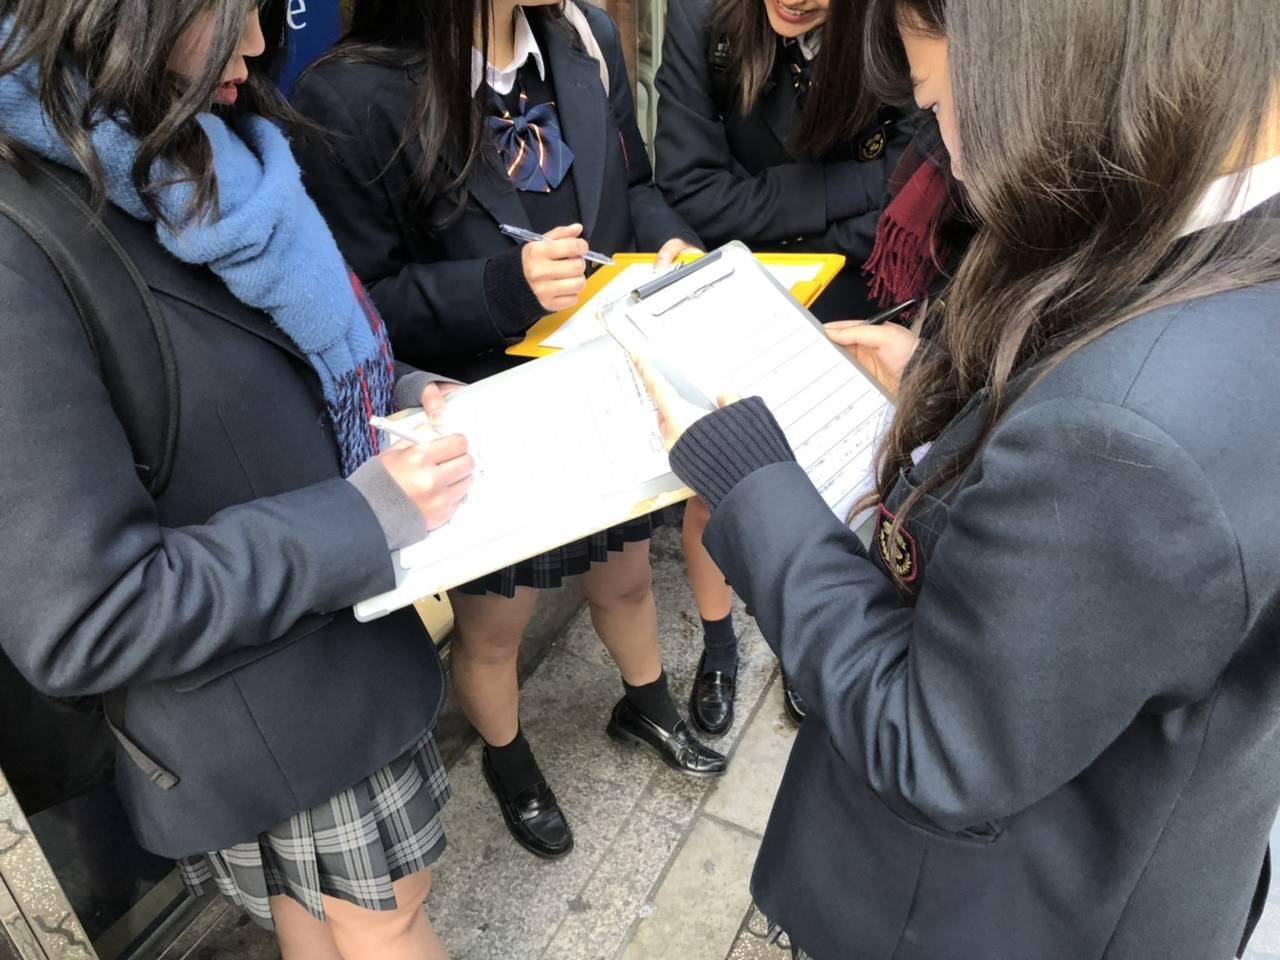 渋谷の女子高生300人が新元号を大予想!上位に国民的アイドルグループの名も